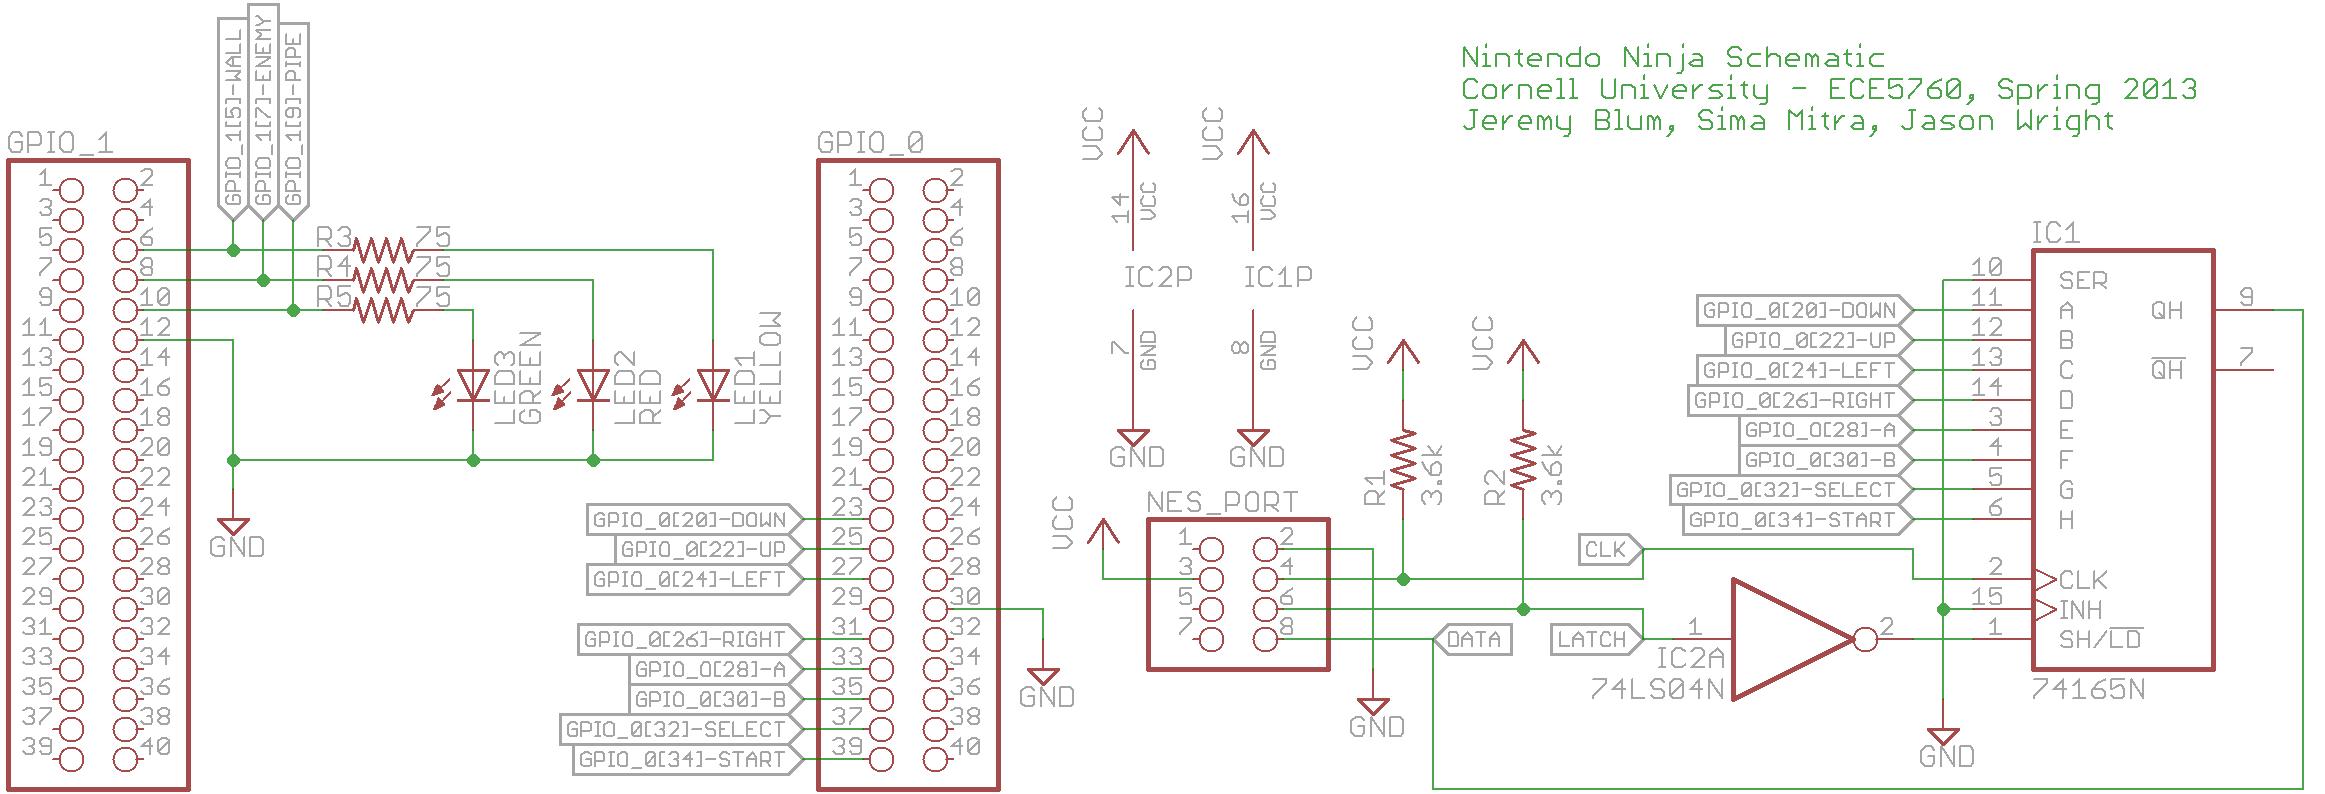 Nintendo Ninja | An FPGA-Based Mario Bros. A.I. on